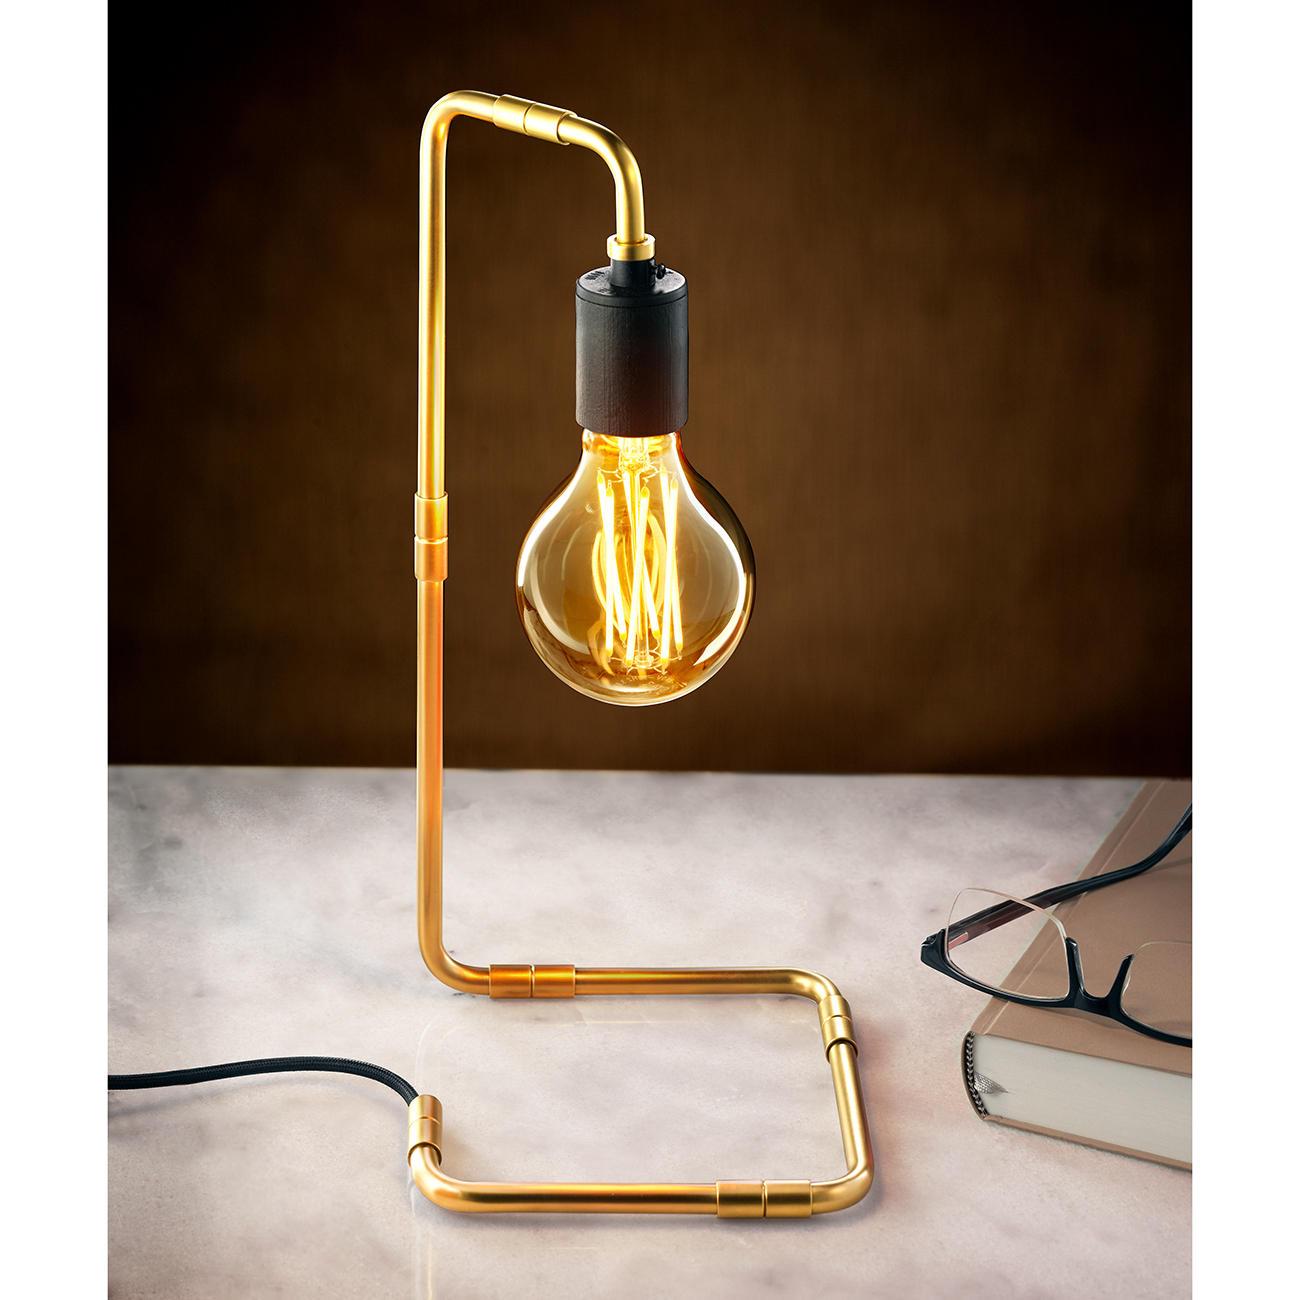 Lampe de table au design industriel pas cher | Pro-Idee